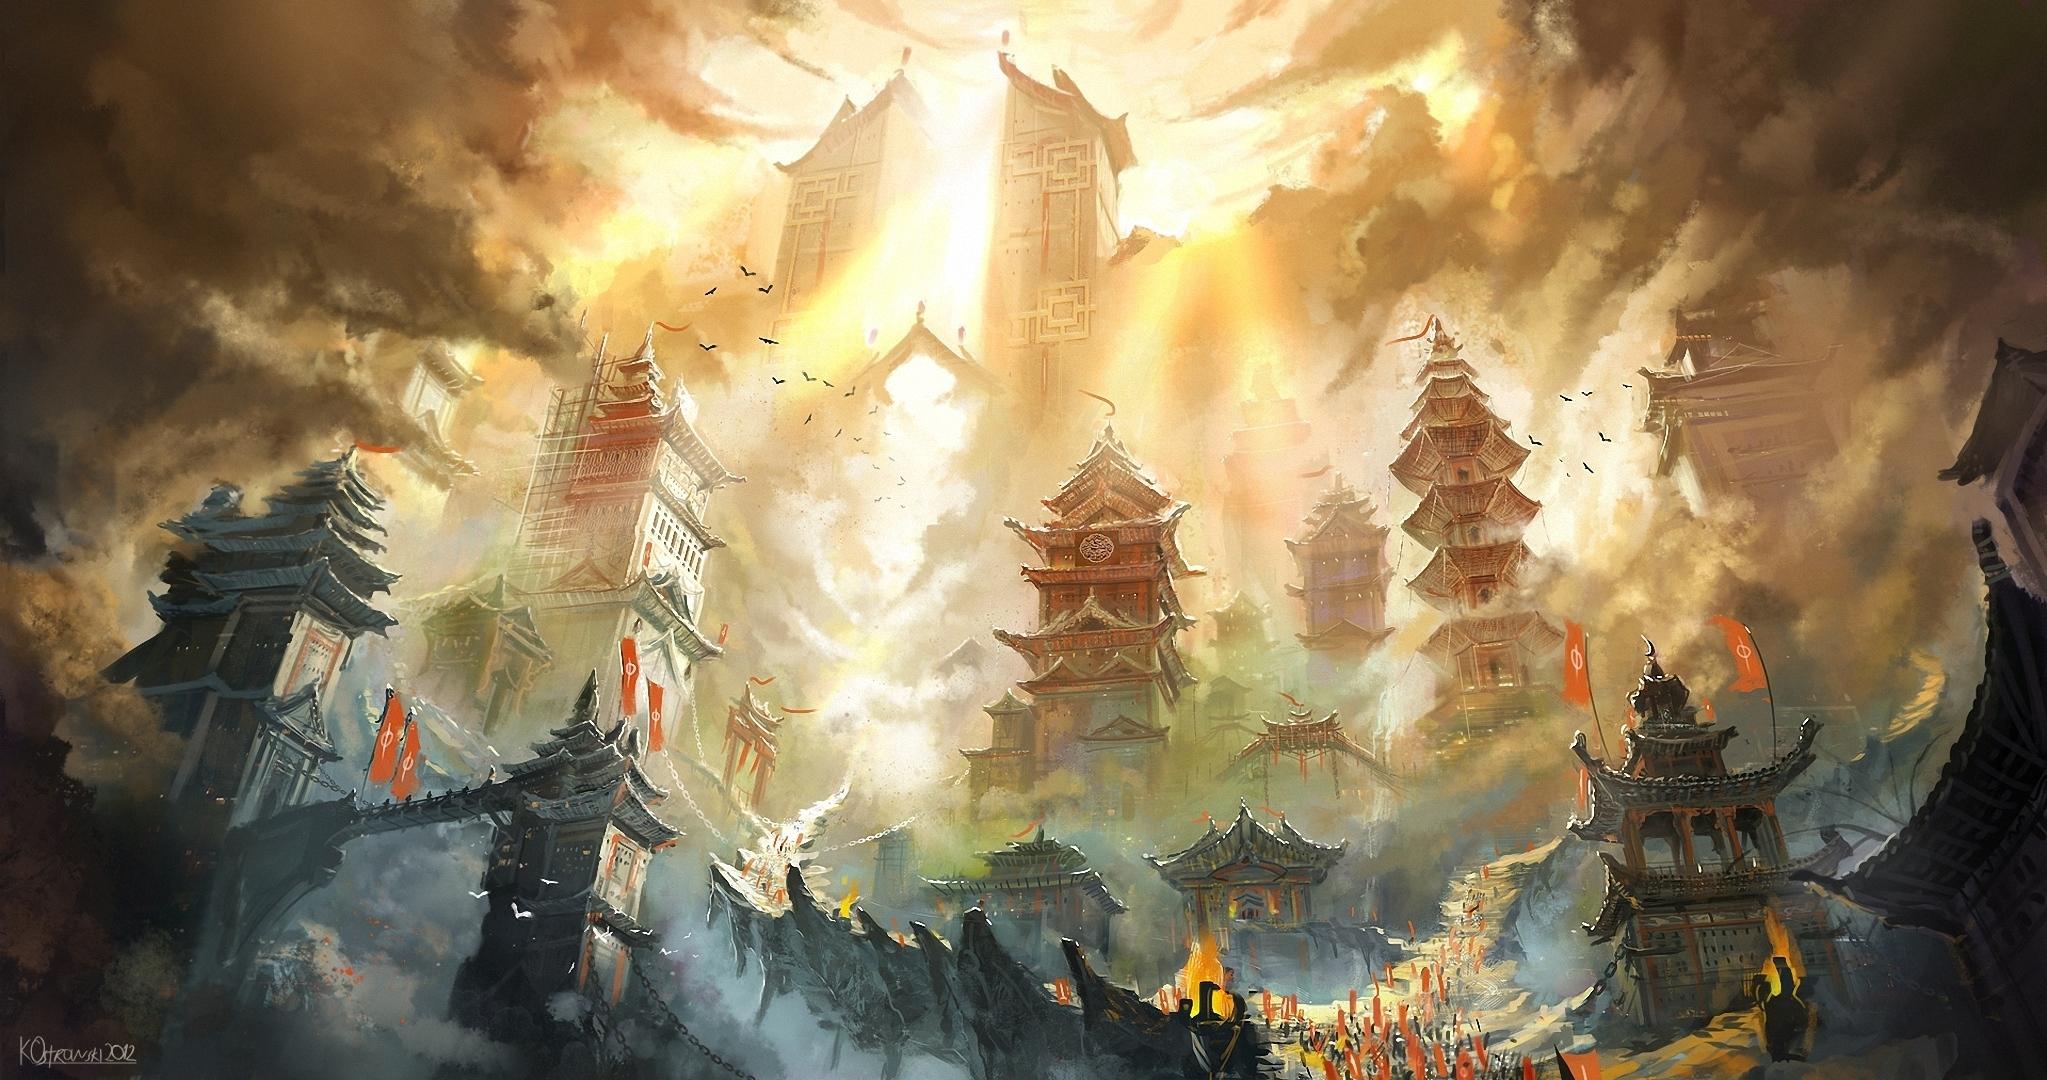 Full for Oriental wallpaper